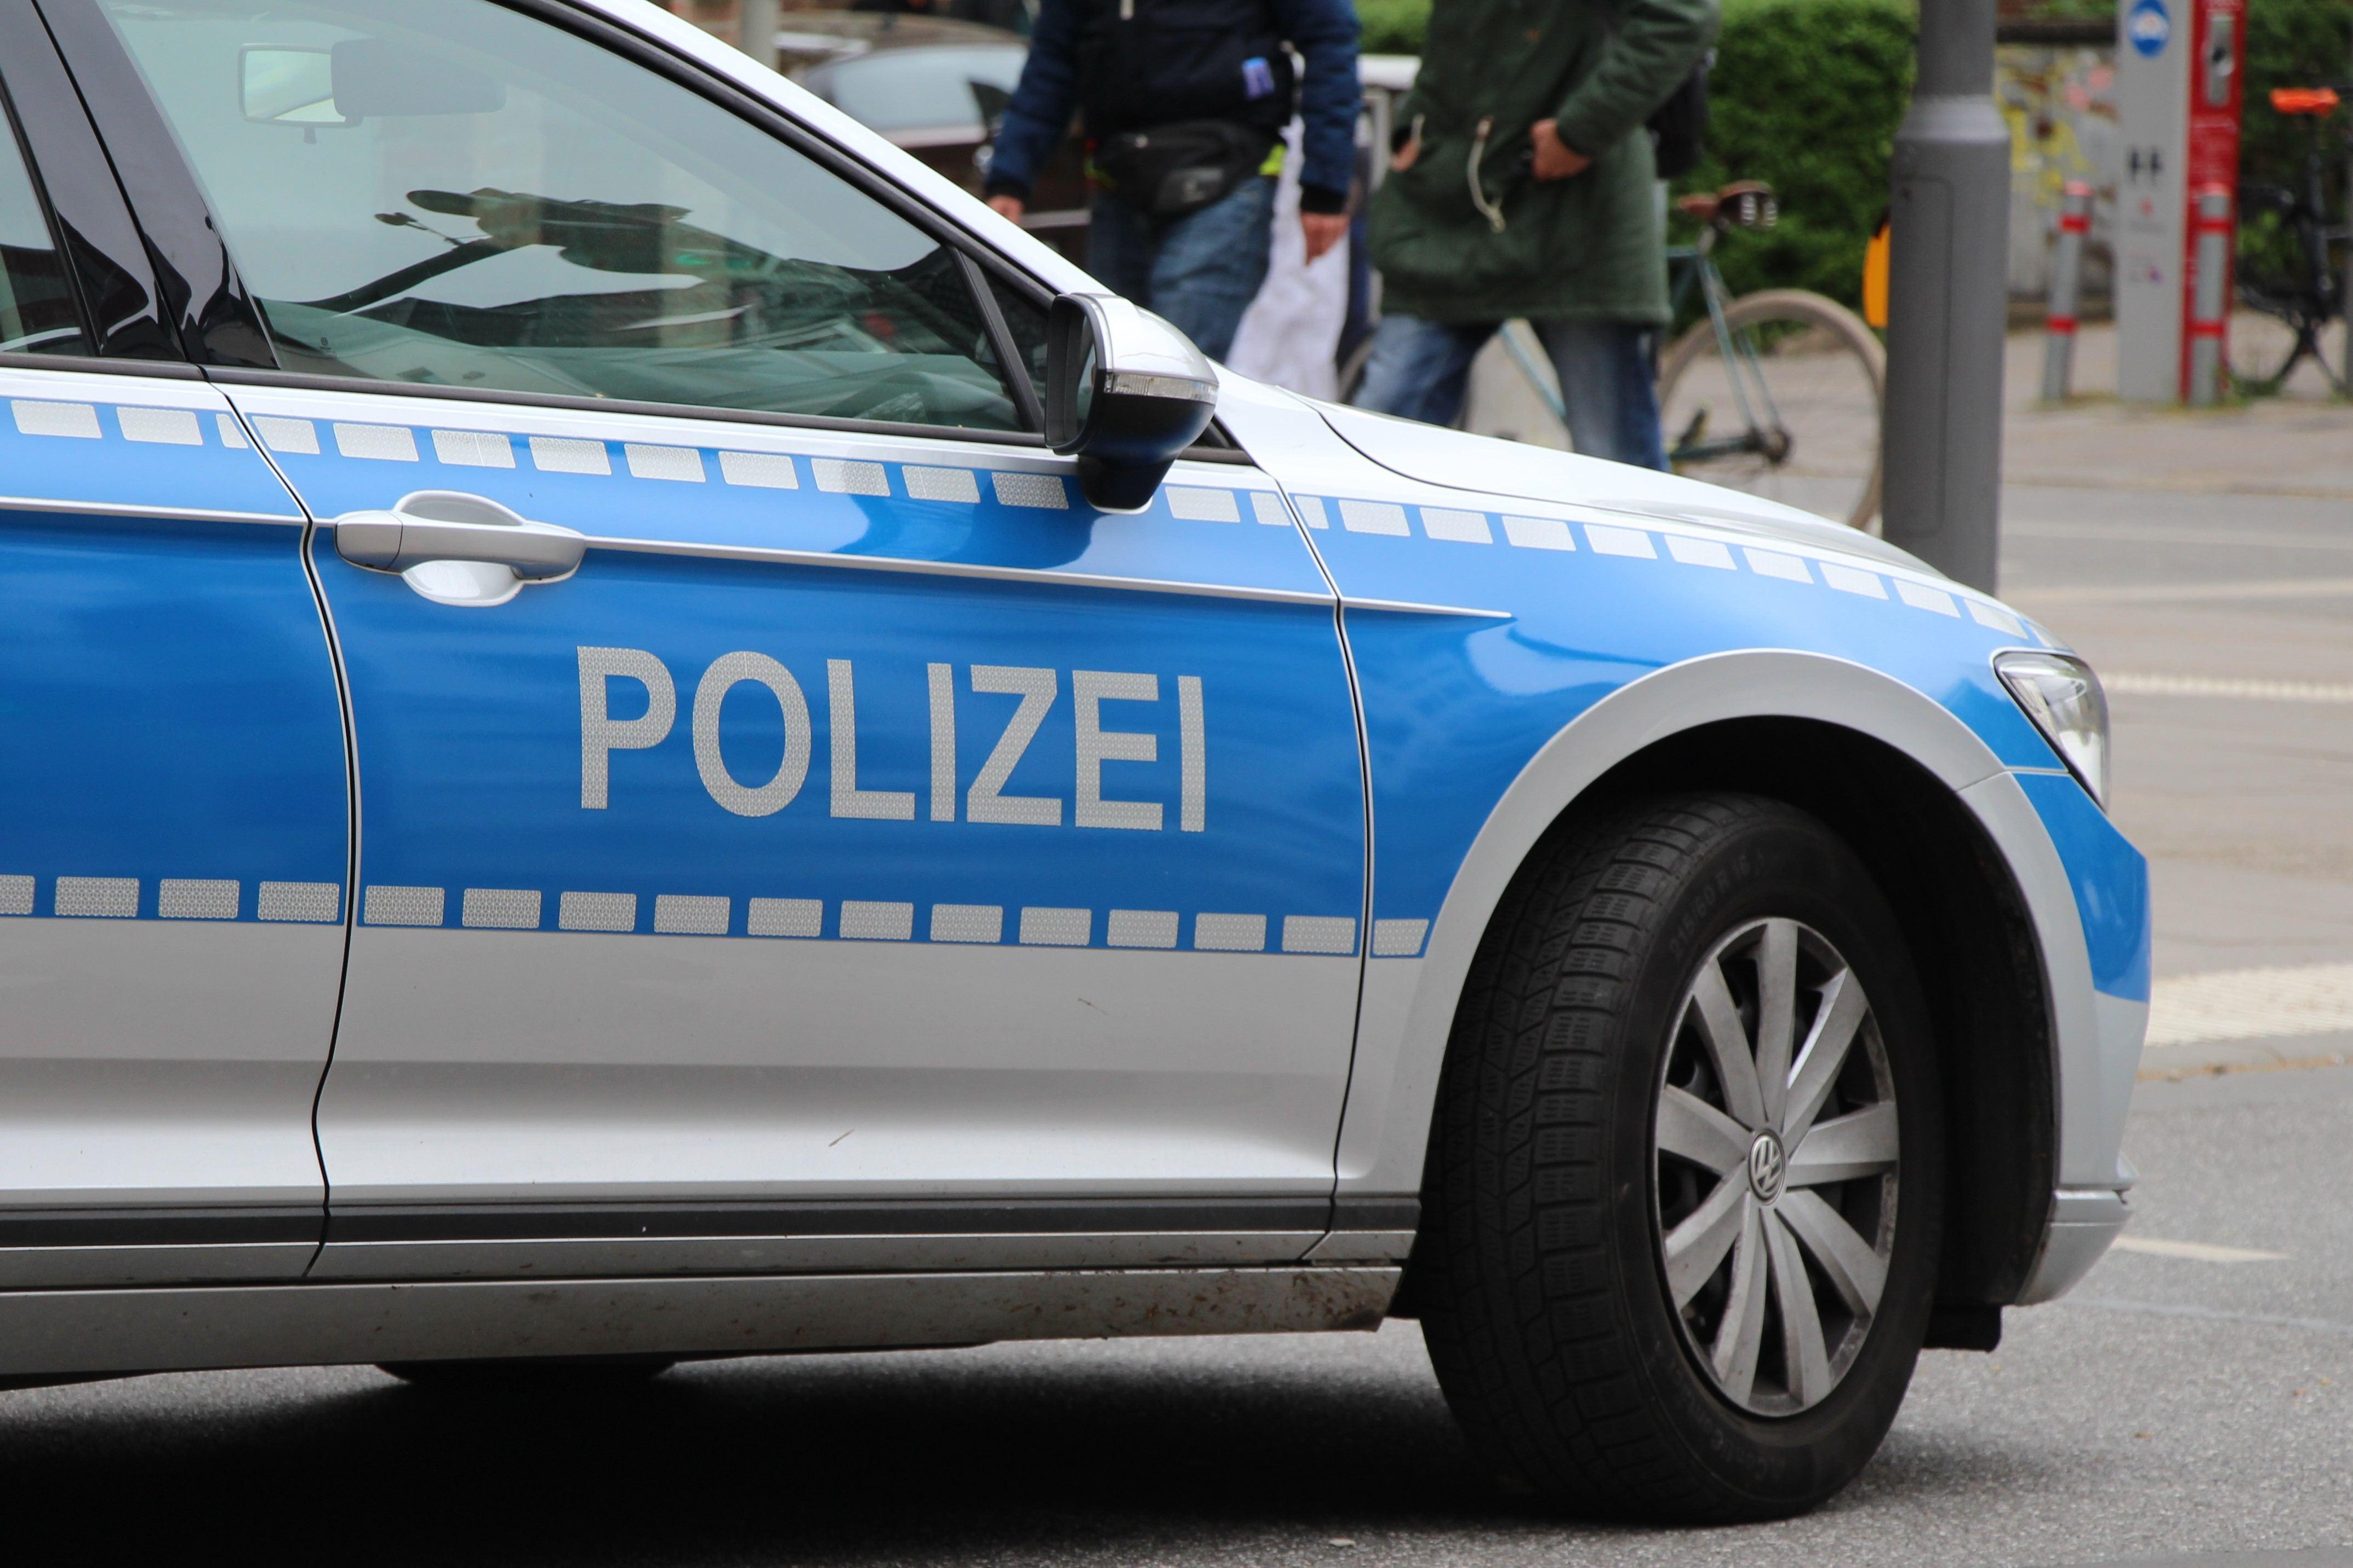 27-Jähriger stirbt nach Fixierung bei Polizeieinsatz